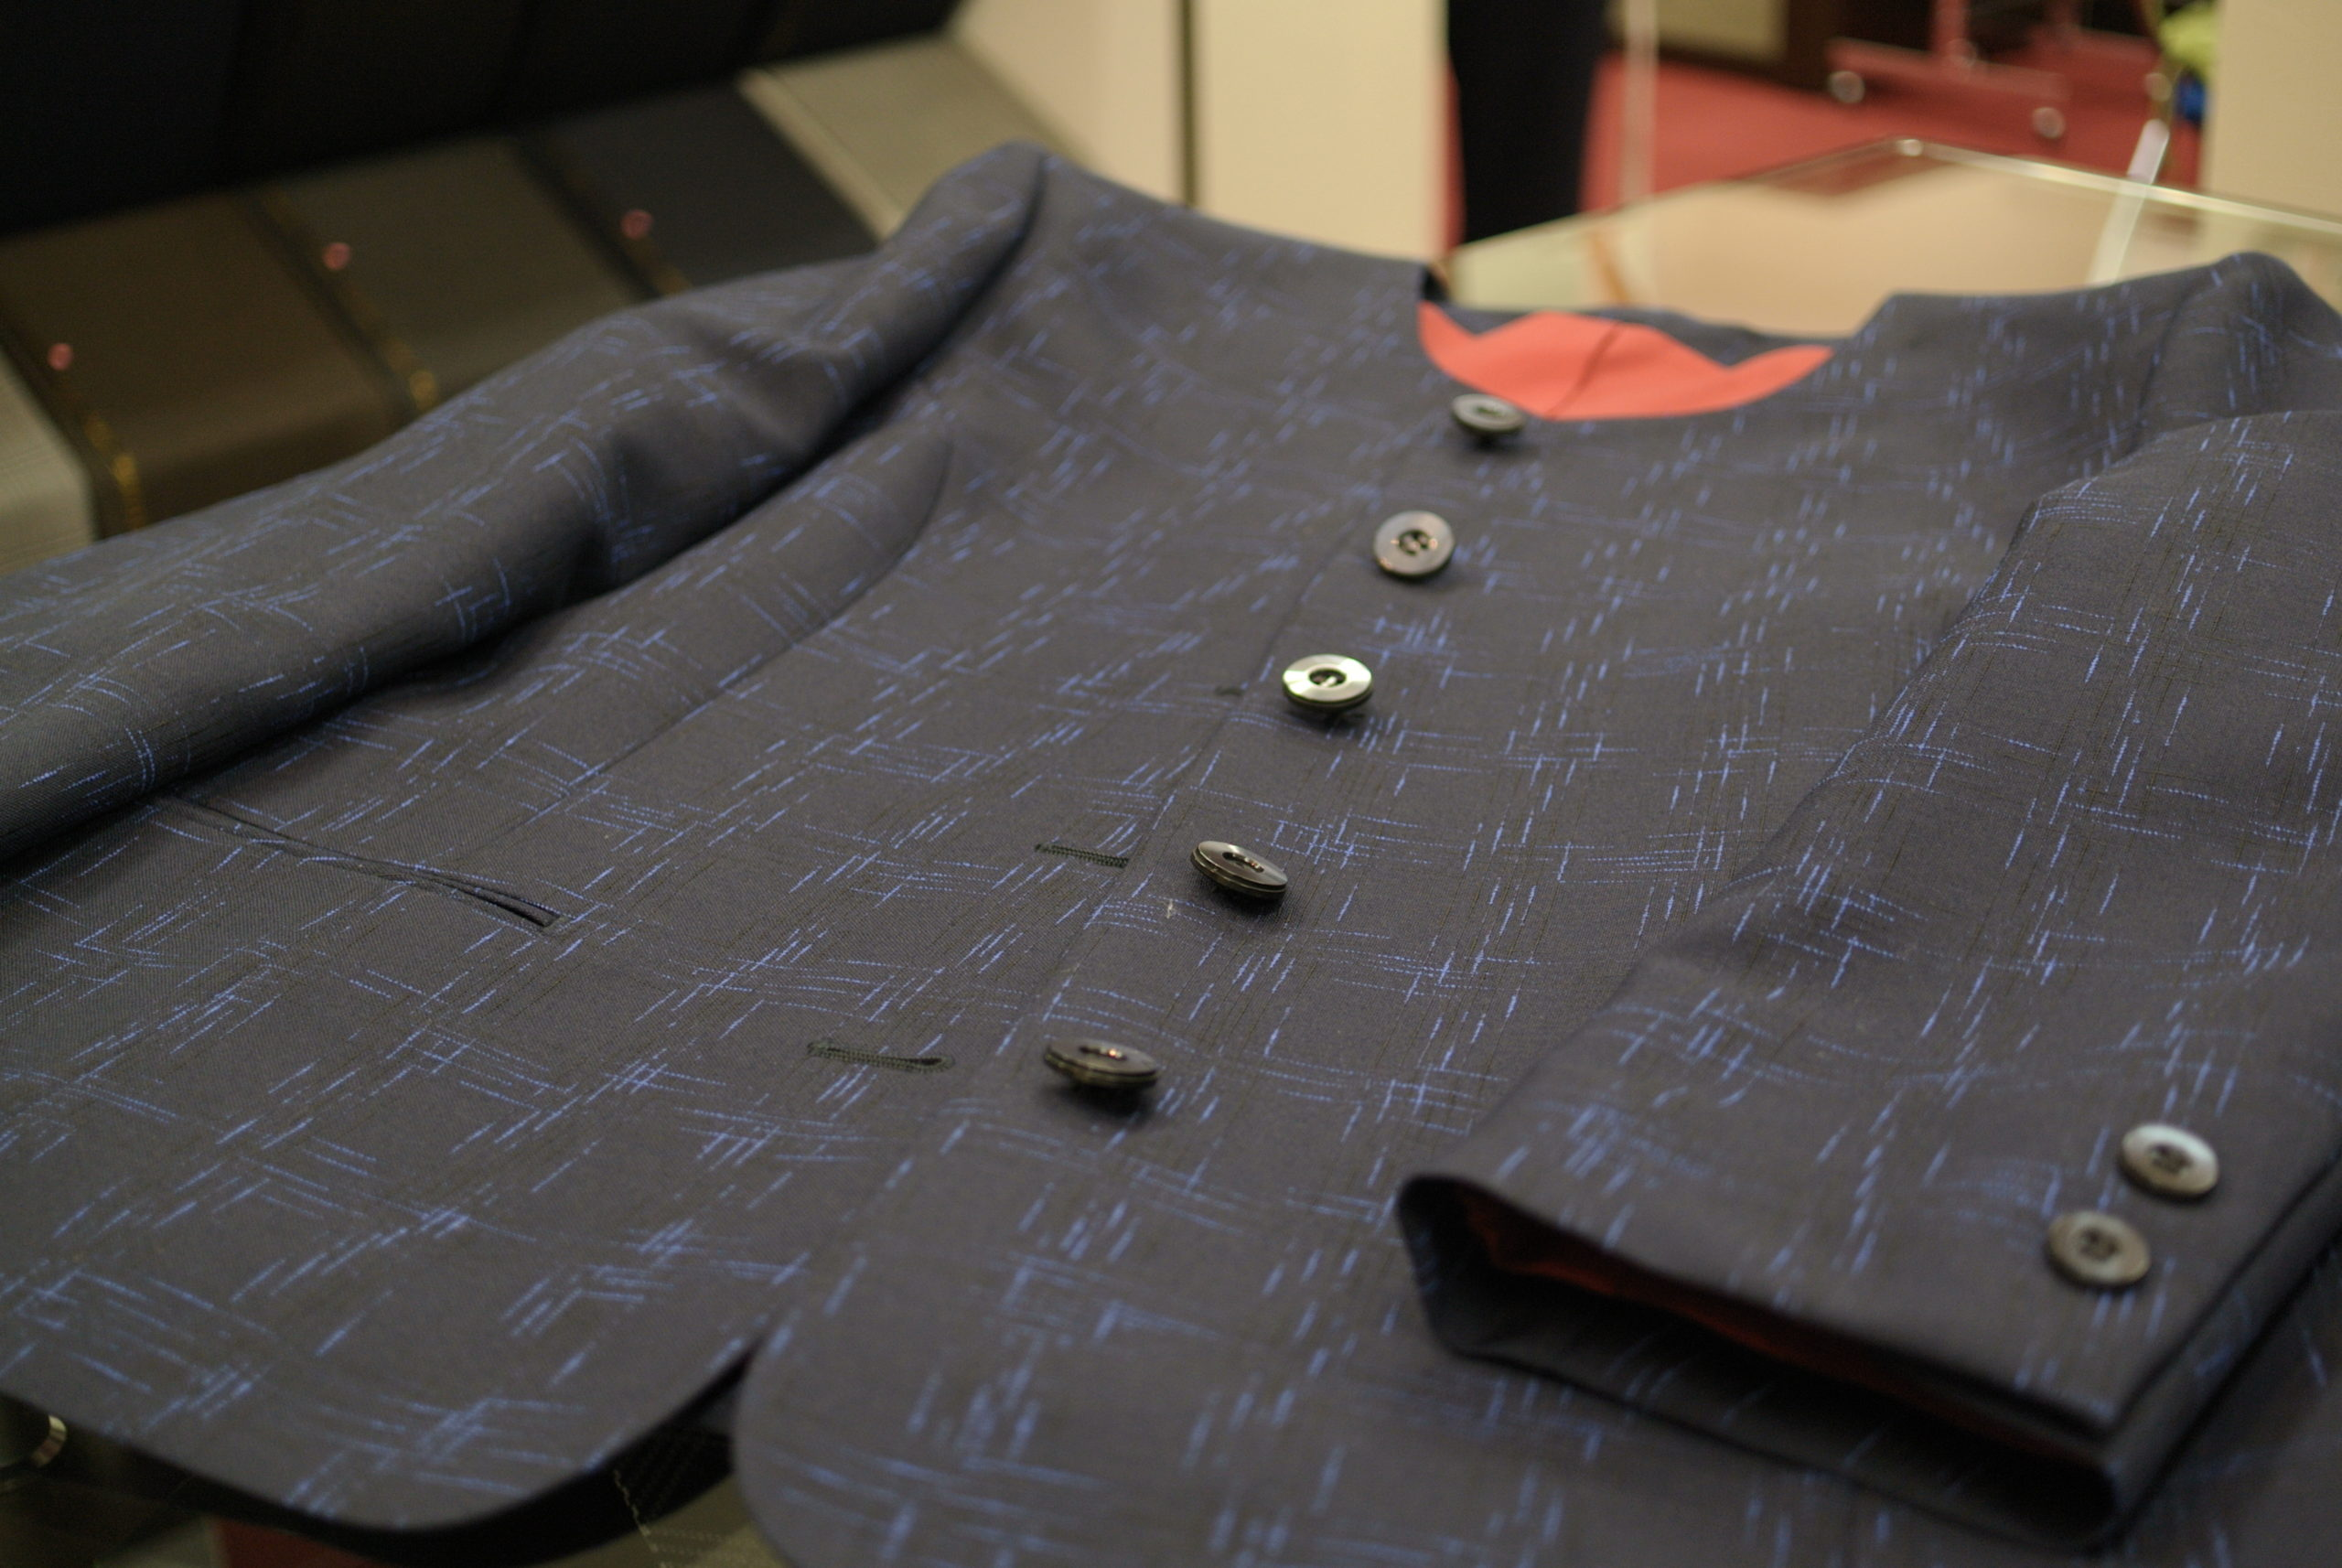 成長段階で繊維の質が変わってくるモヘア細く柔らかい、キッドモヘアを使った逸品 オーダースーツ アスター 千葉県・佐倉市うすい・八千代市村上